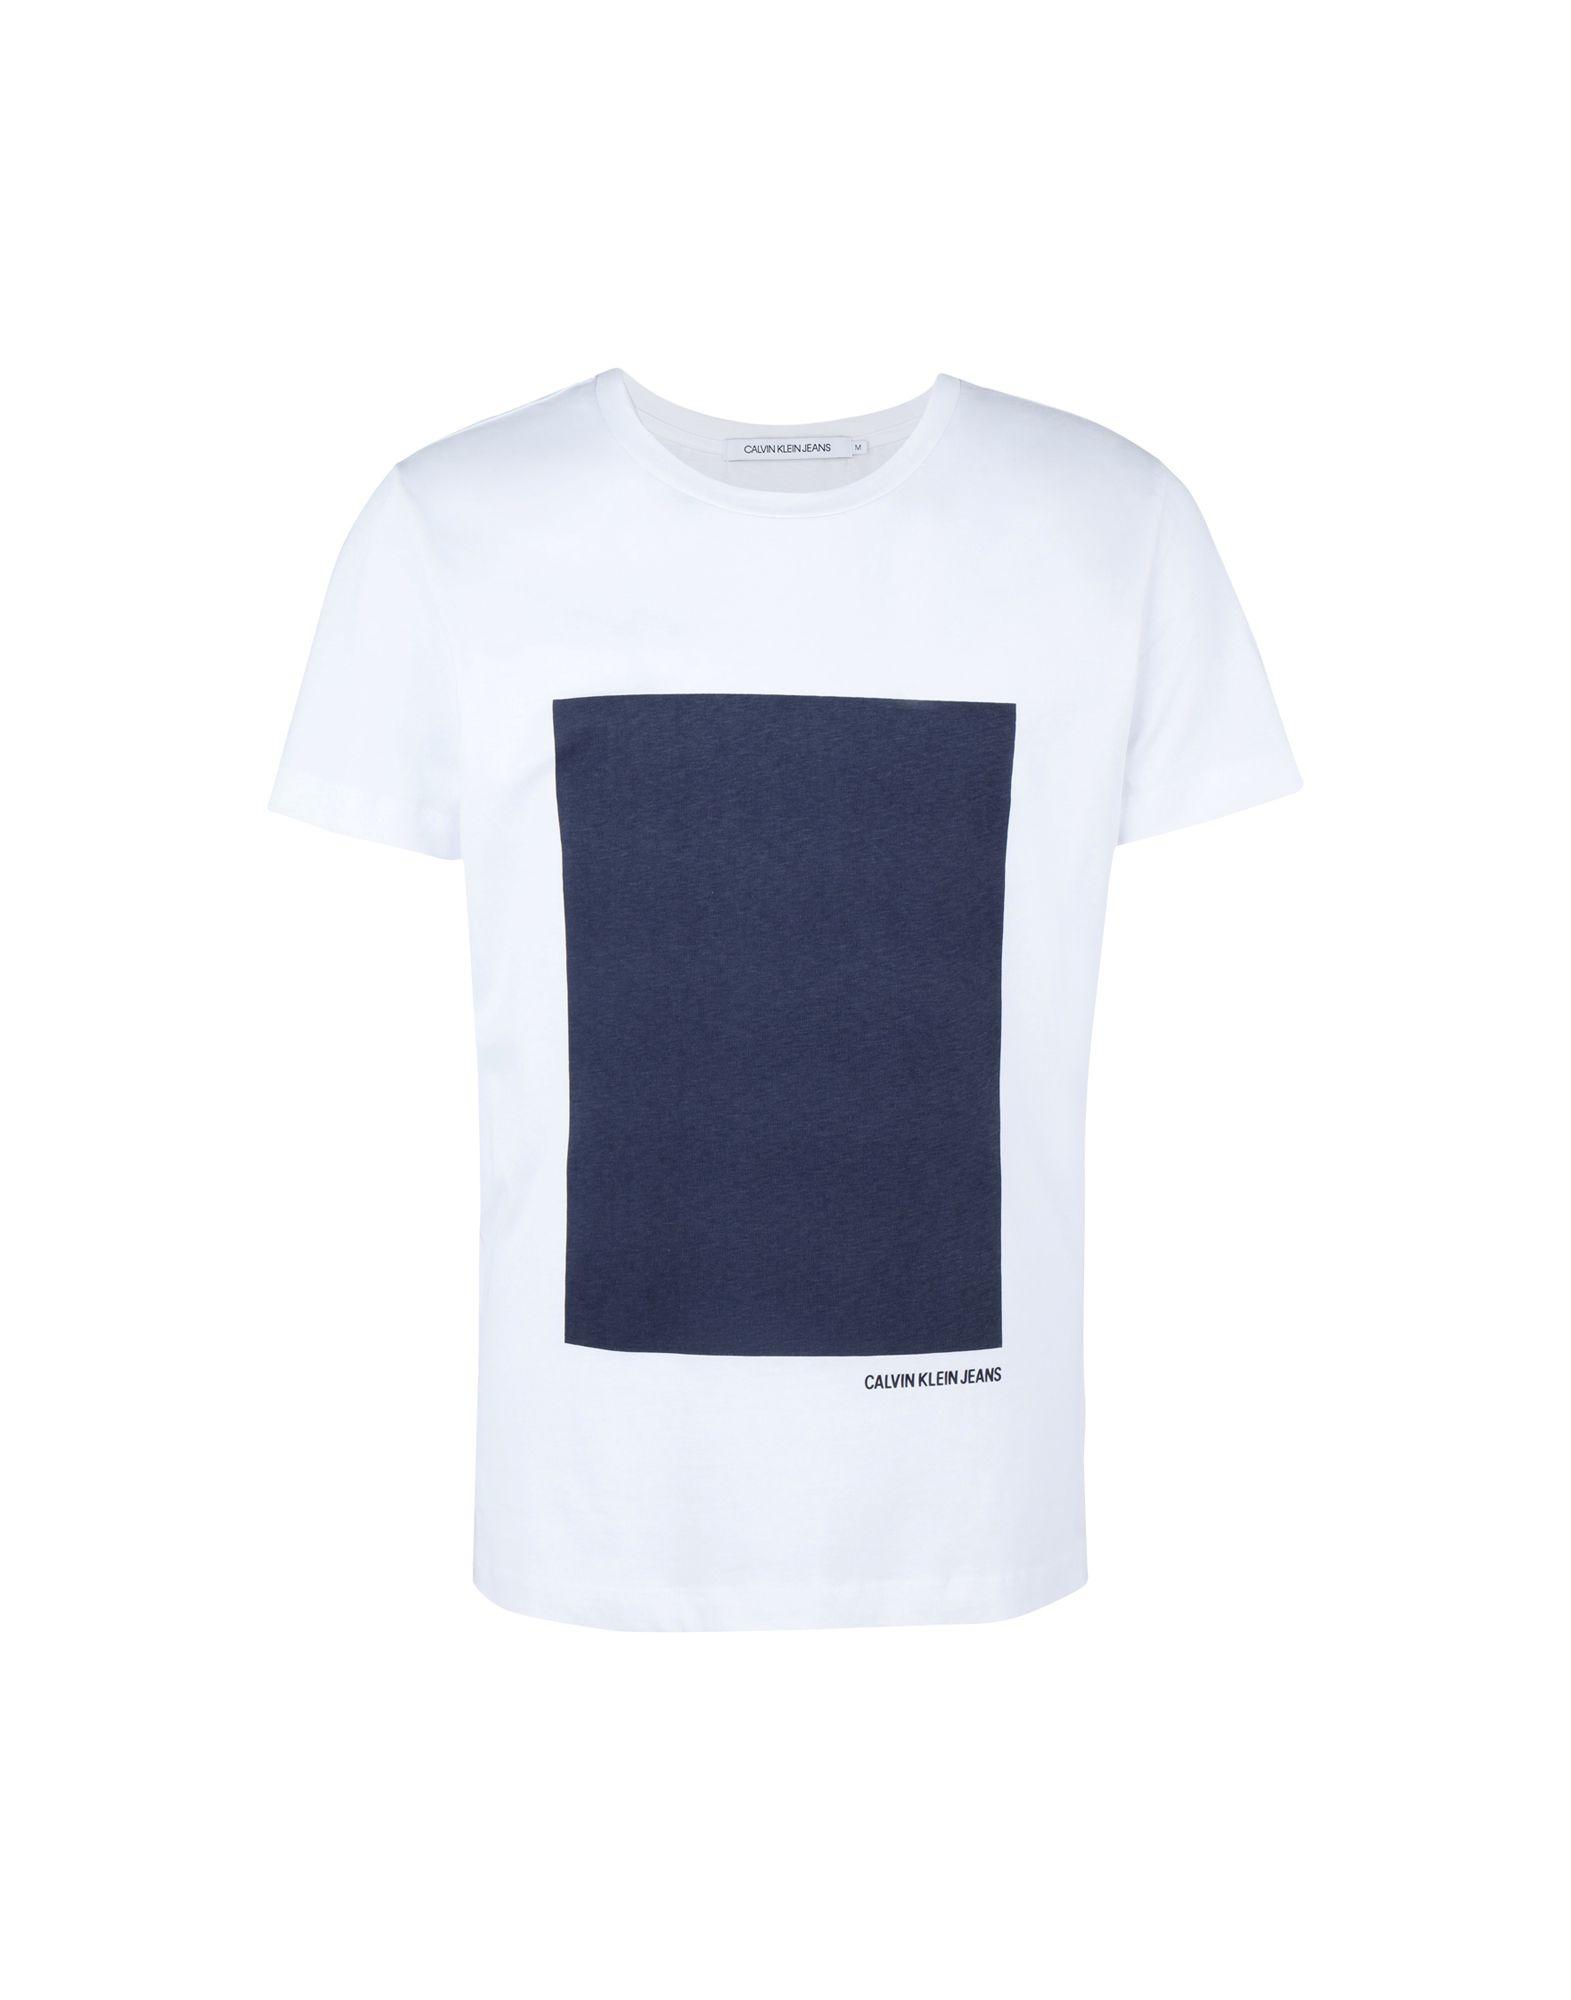 《送料無料》CALVIN KLEIN JEANS メンズ T シャツ ホワイト S コットン 100% RECTANGLE GRAPHIC SL